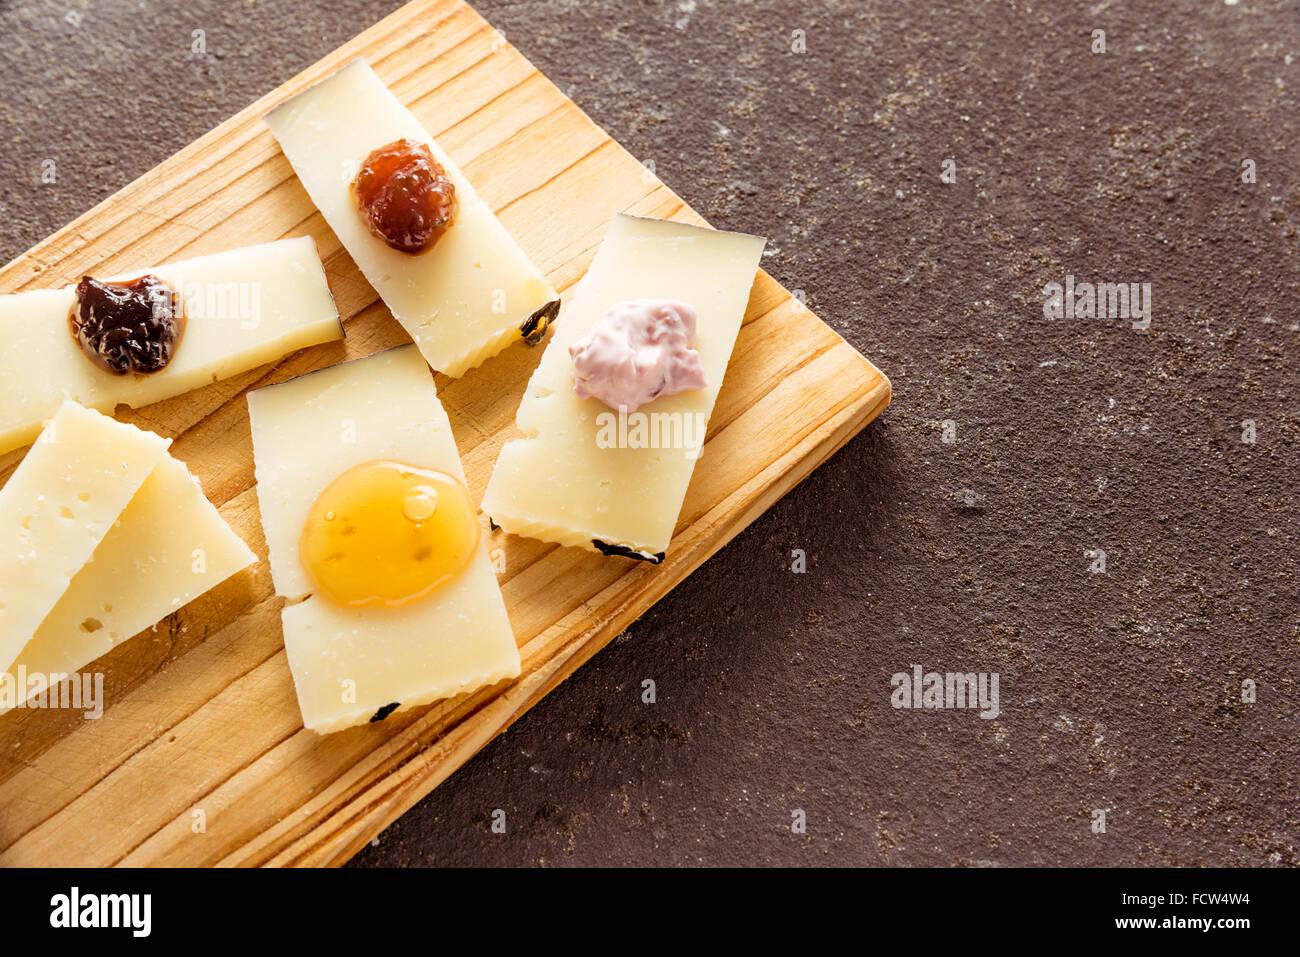 Una composizione di formaggi italiani pecorino fette con marmellate di sapori diversi su un tagliere di legno Immagini Stock